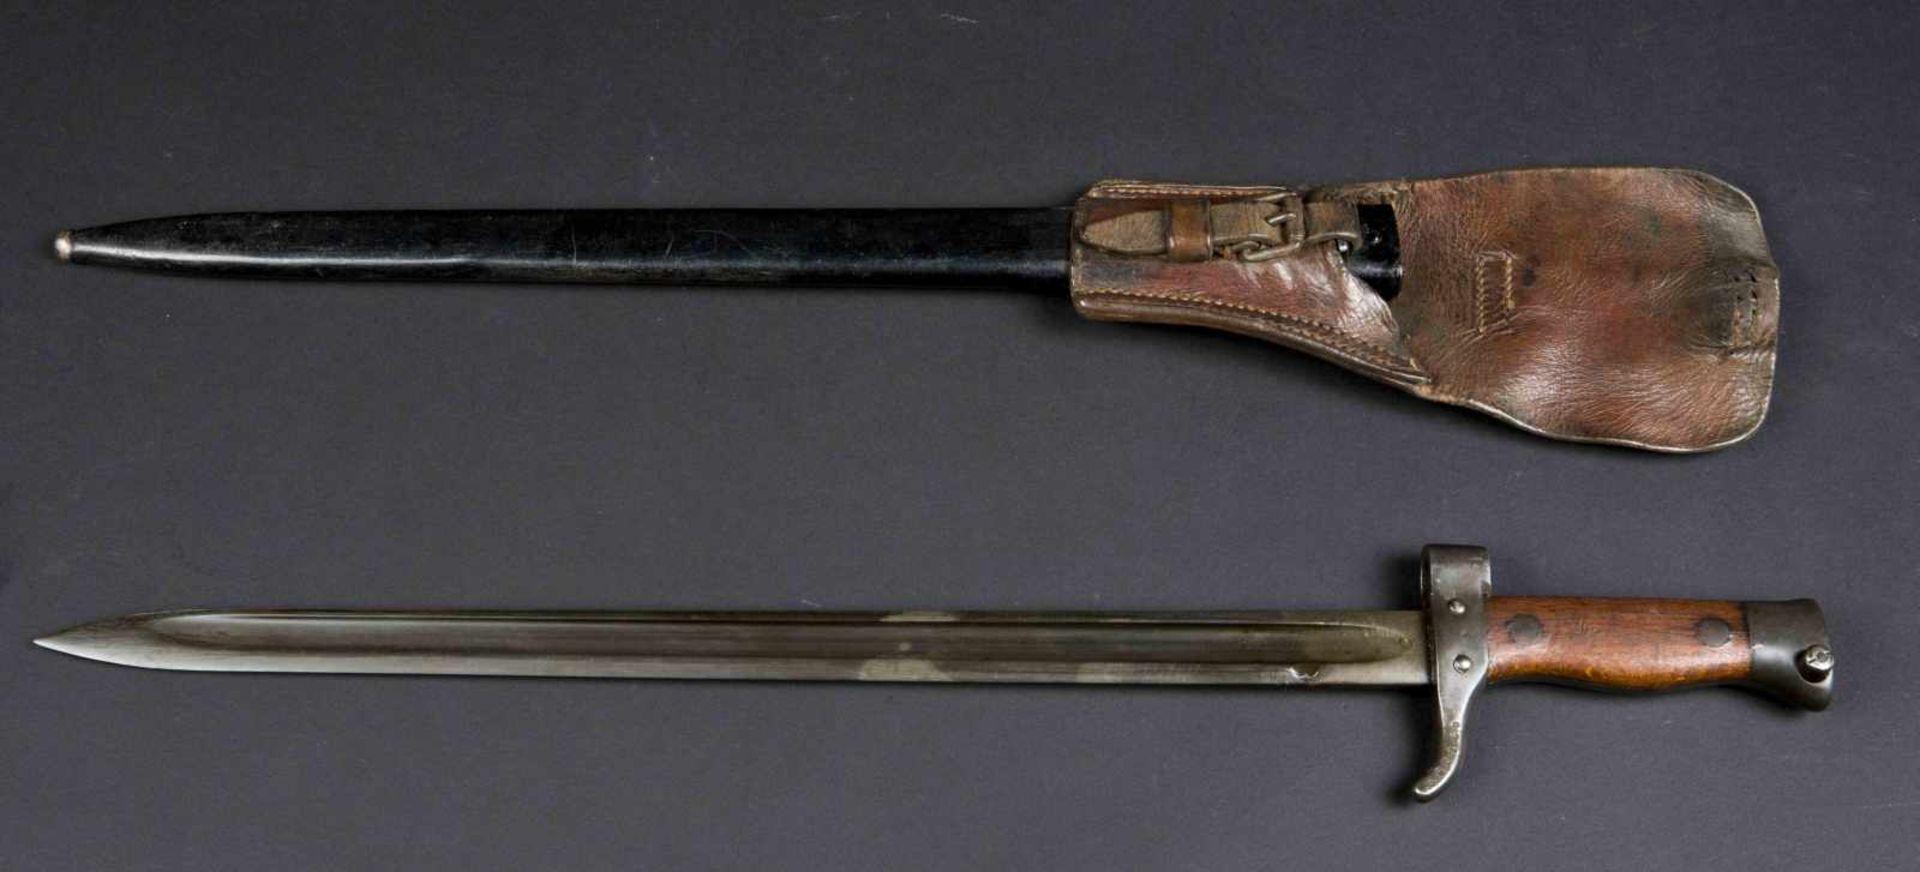 Lot de deux baïonnettes, modèle 1892 et modèle 1892/1915 pour mousqueton (état moyen). Porte-épées